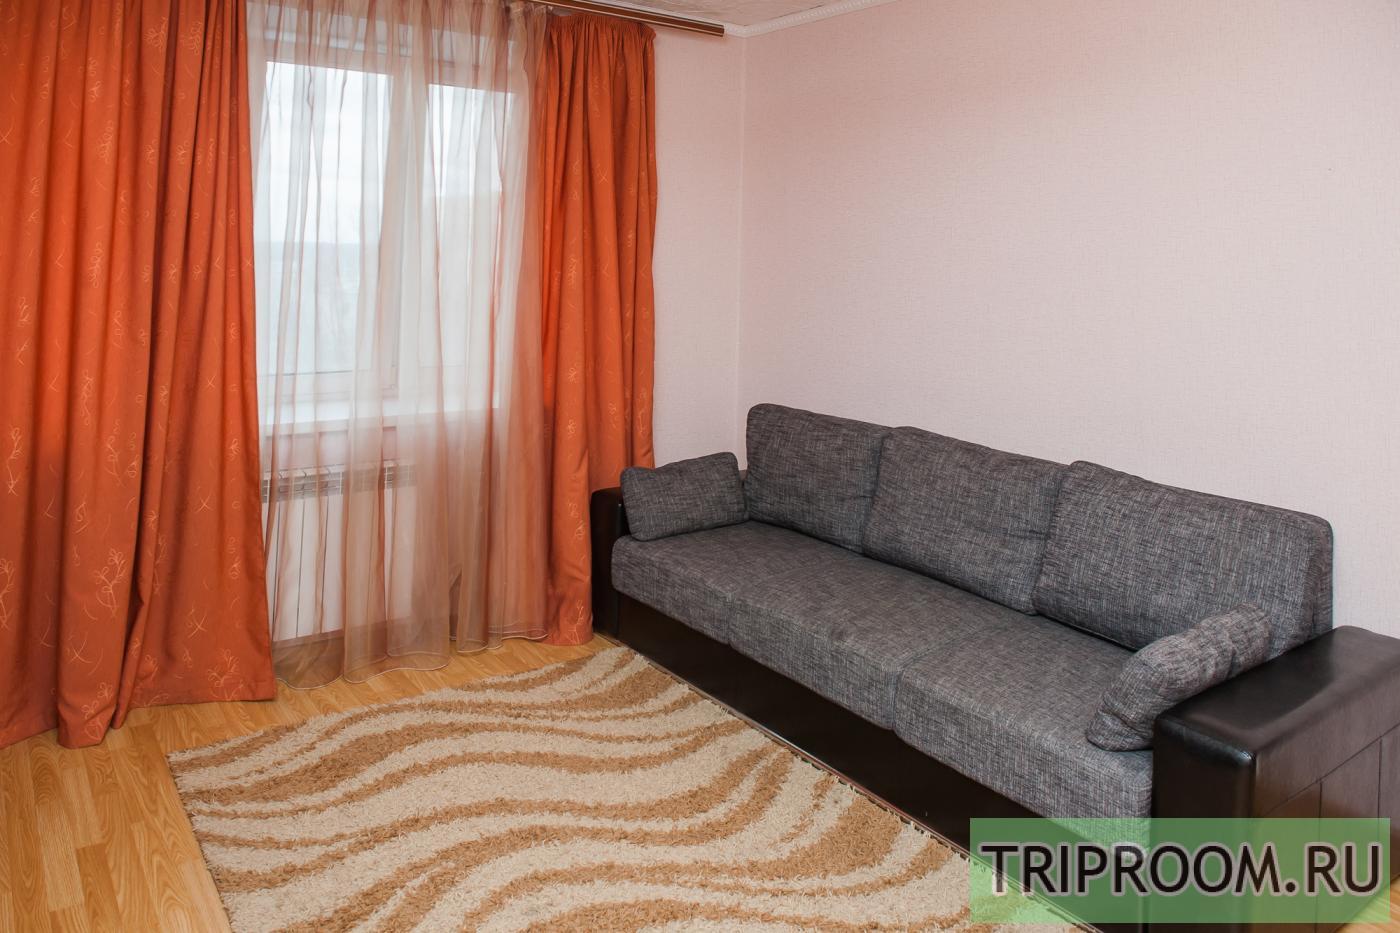 1-комнатная квартира посуточно (вариант № 12761), ул. Краснинское шоссе, фото № 3